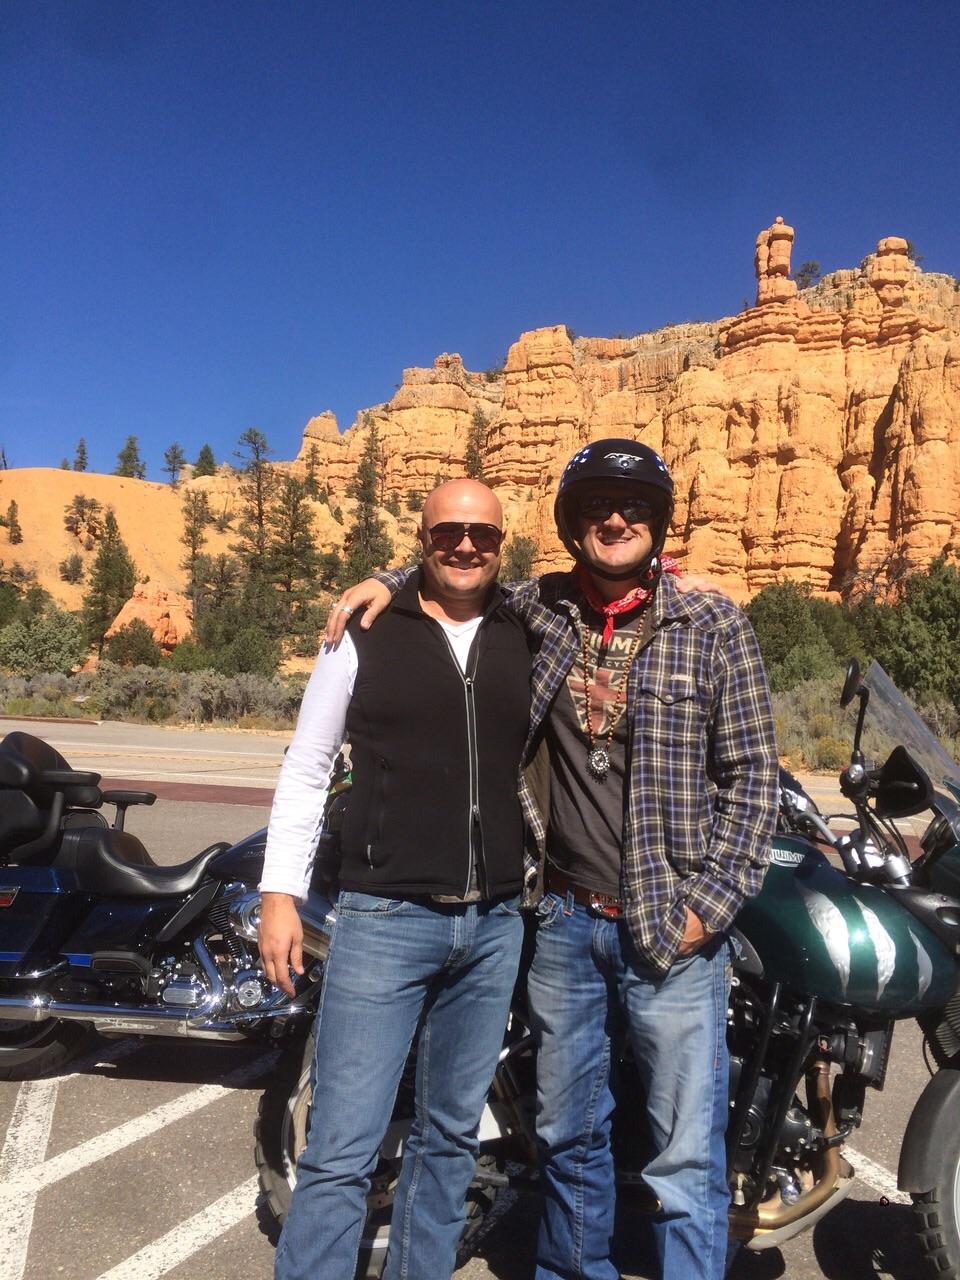 Gary and James Fales at Bryce Canyon National Park